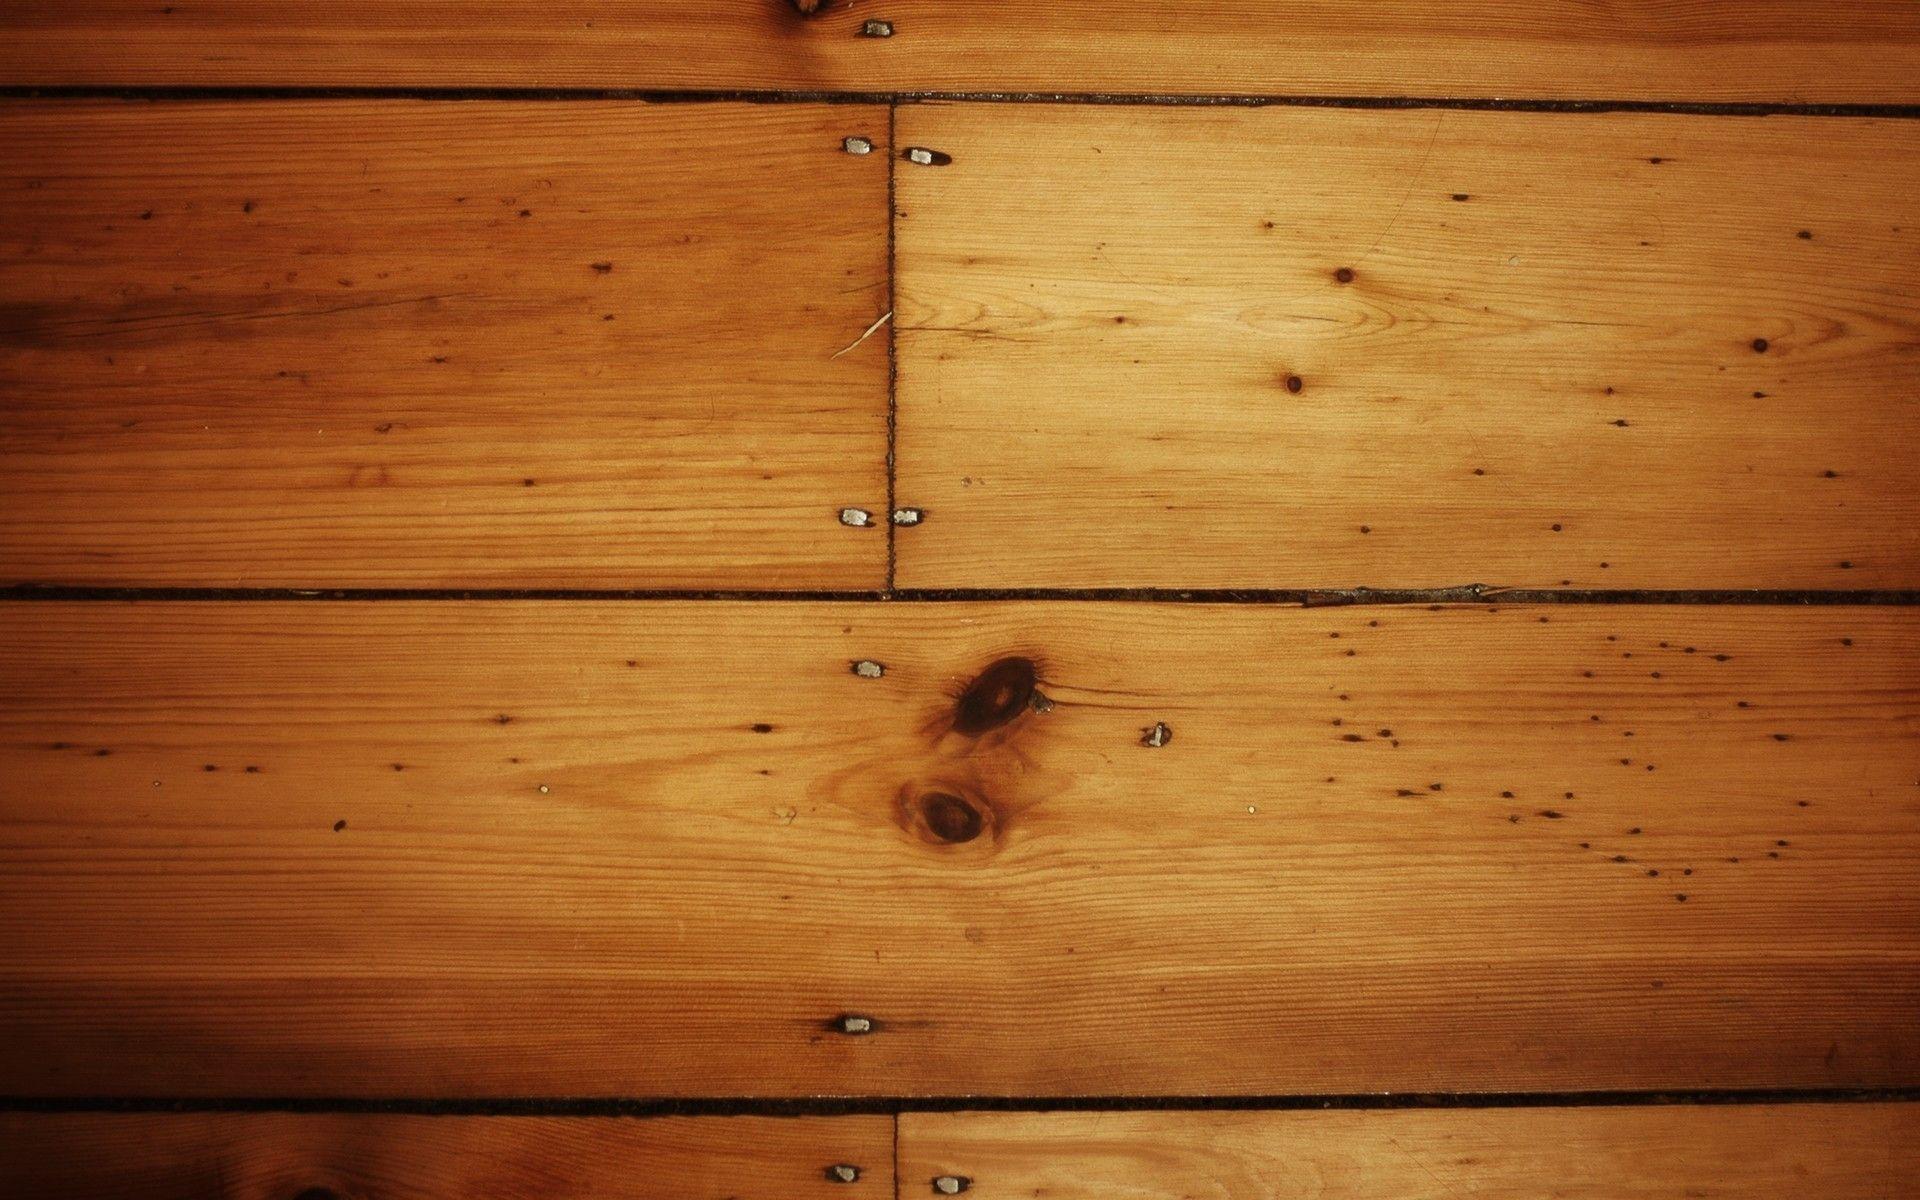 Wood Desktop Wallpaper Hd Wallpapers Kb By Desk